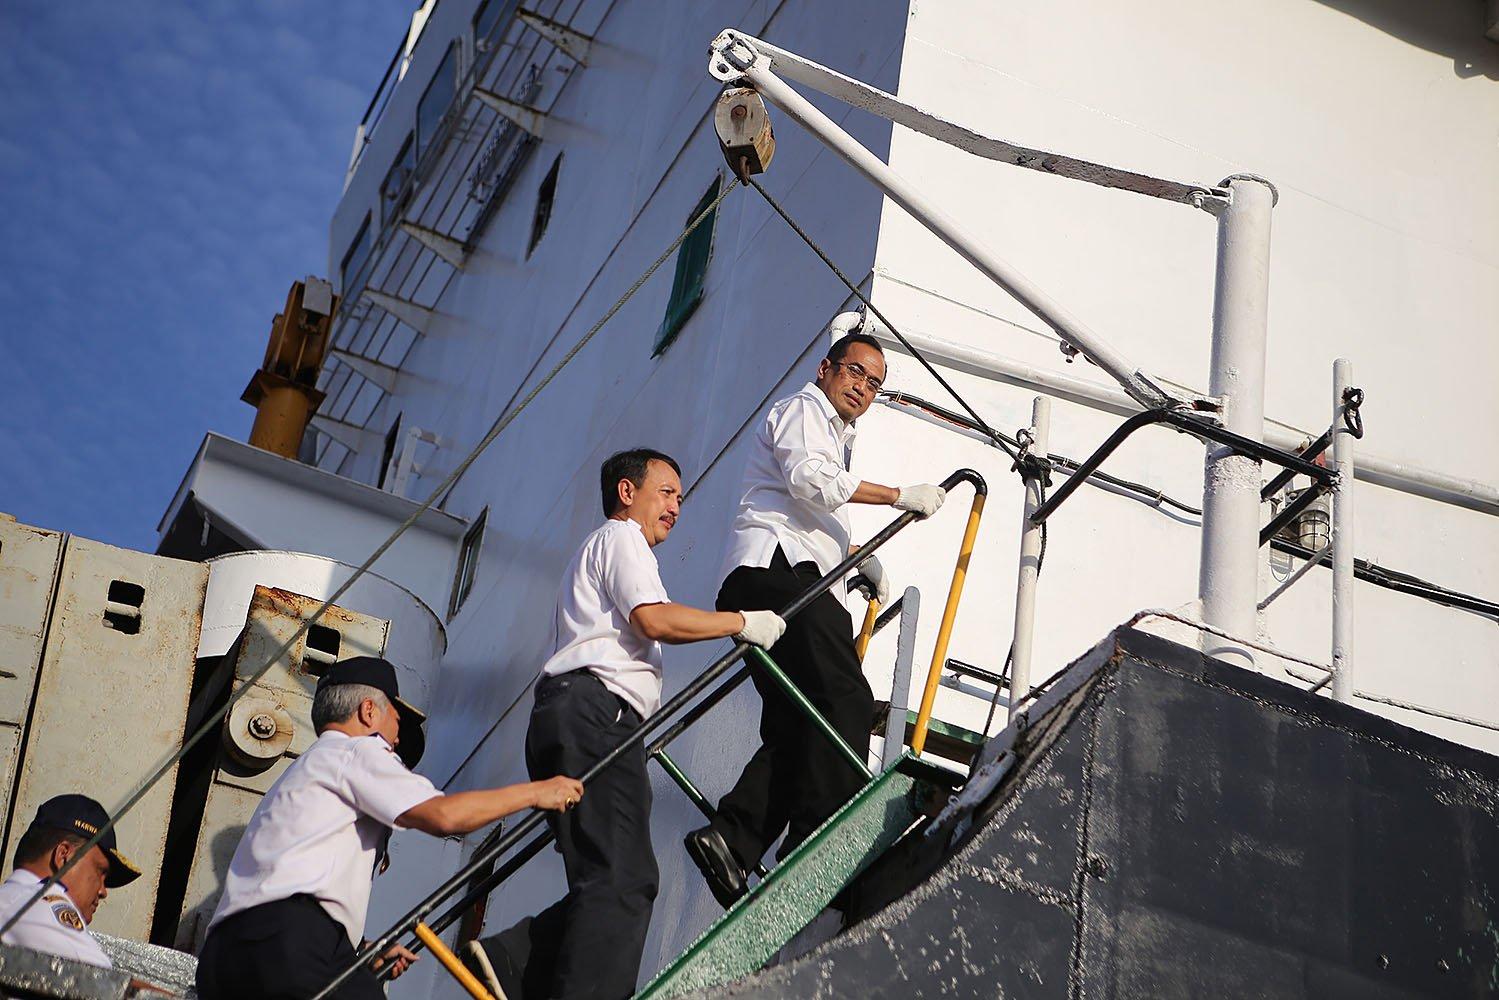 Menteri Perhubungan Budi Karya Sumadi melepas keberangkatan perdana kapal tol laut logistik Natuna di Pelabuhan Tanjung Priok, Jakarta Utara, Selasa (25/10).